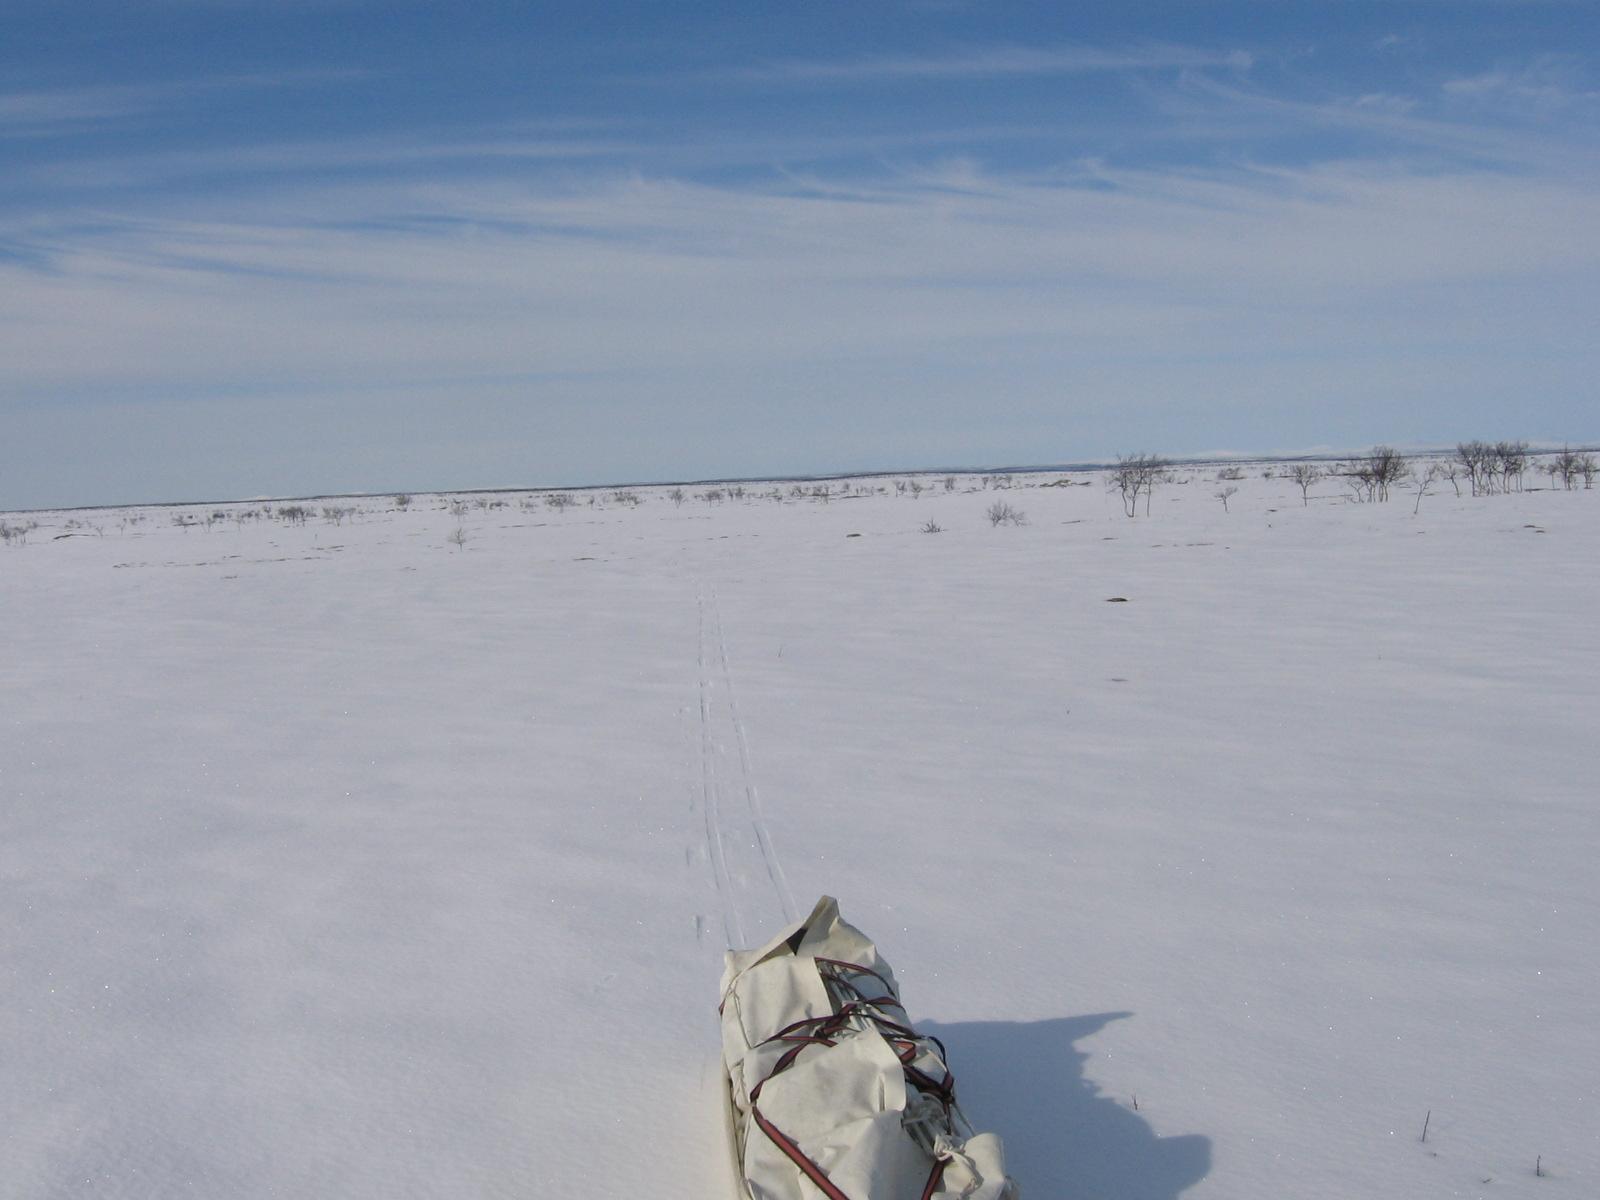 Hyvä hiihdellä Guorboaivia kohden 11.4.2010